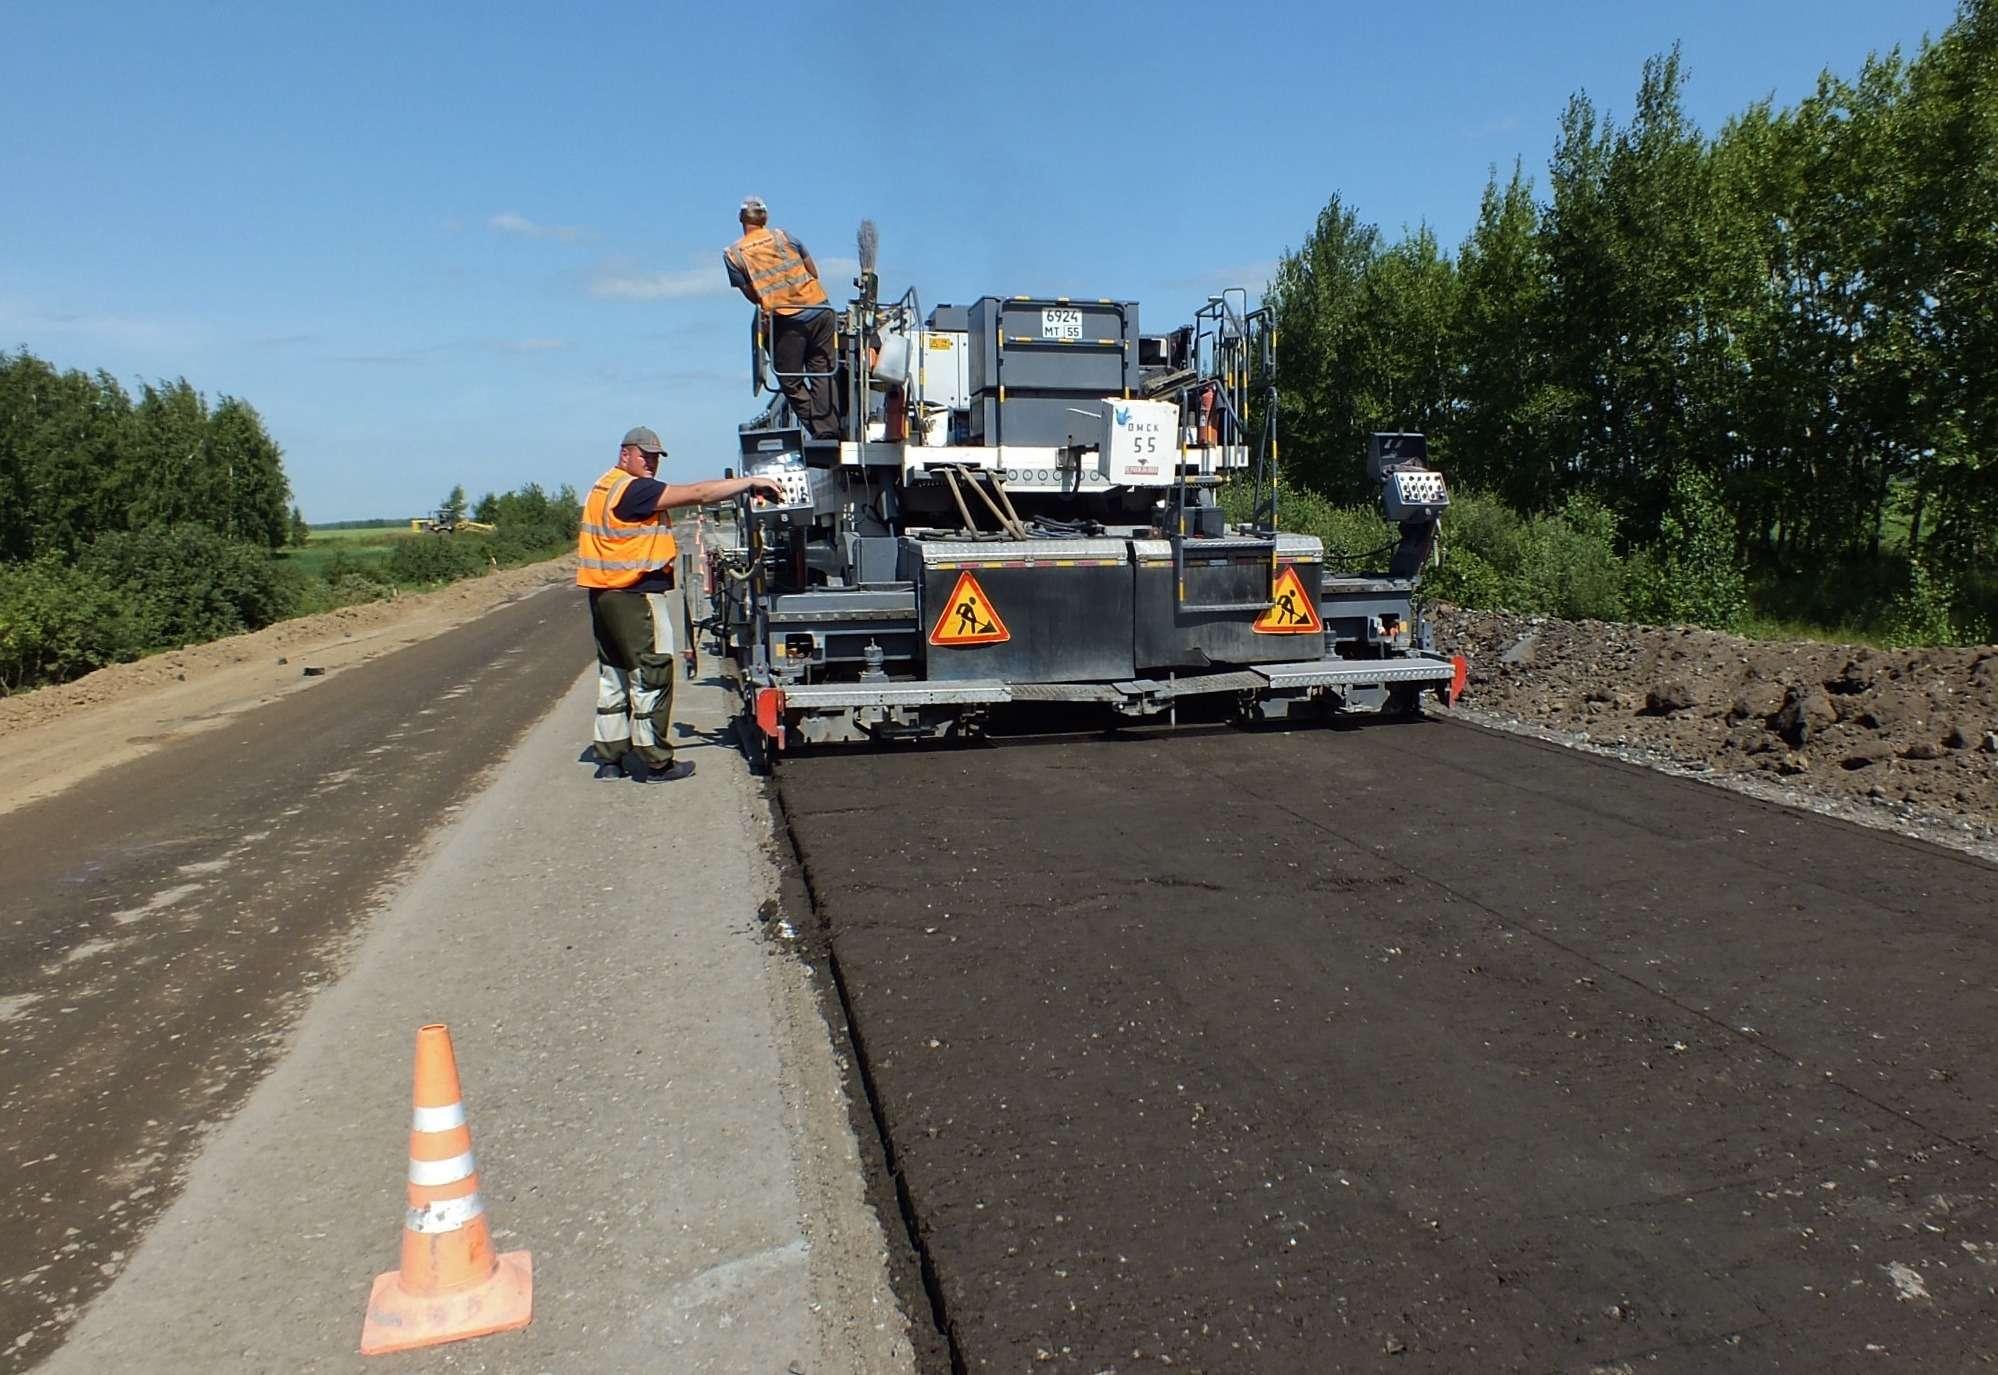 Дороги врегионах ремонтируют б/у асфальтом— фото 987940